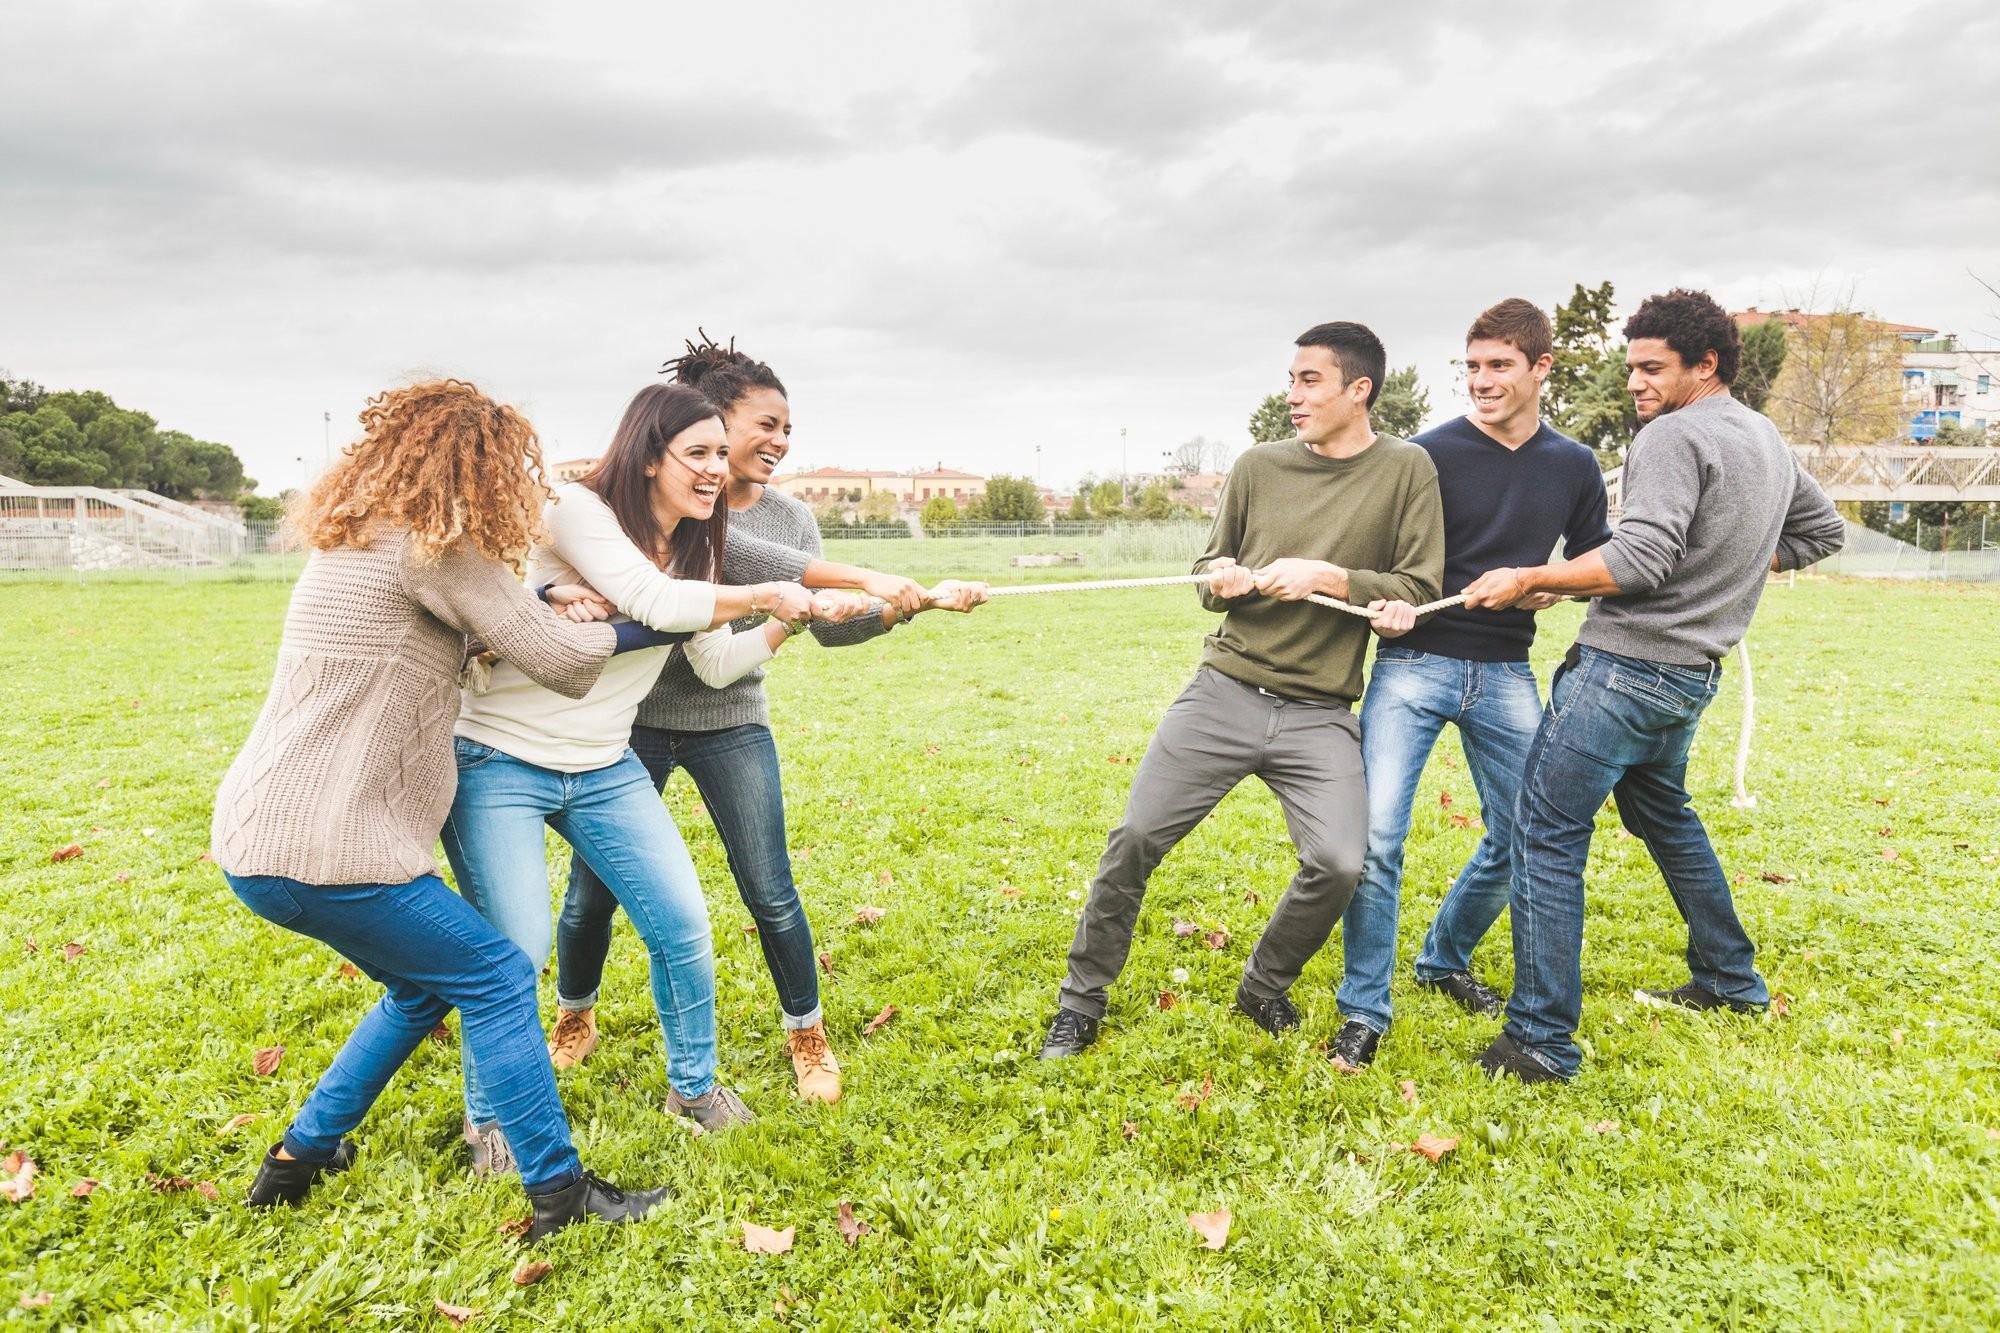 افكار مسابقات عائلية - لعبة شد الحبل